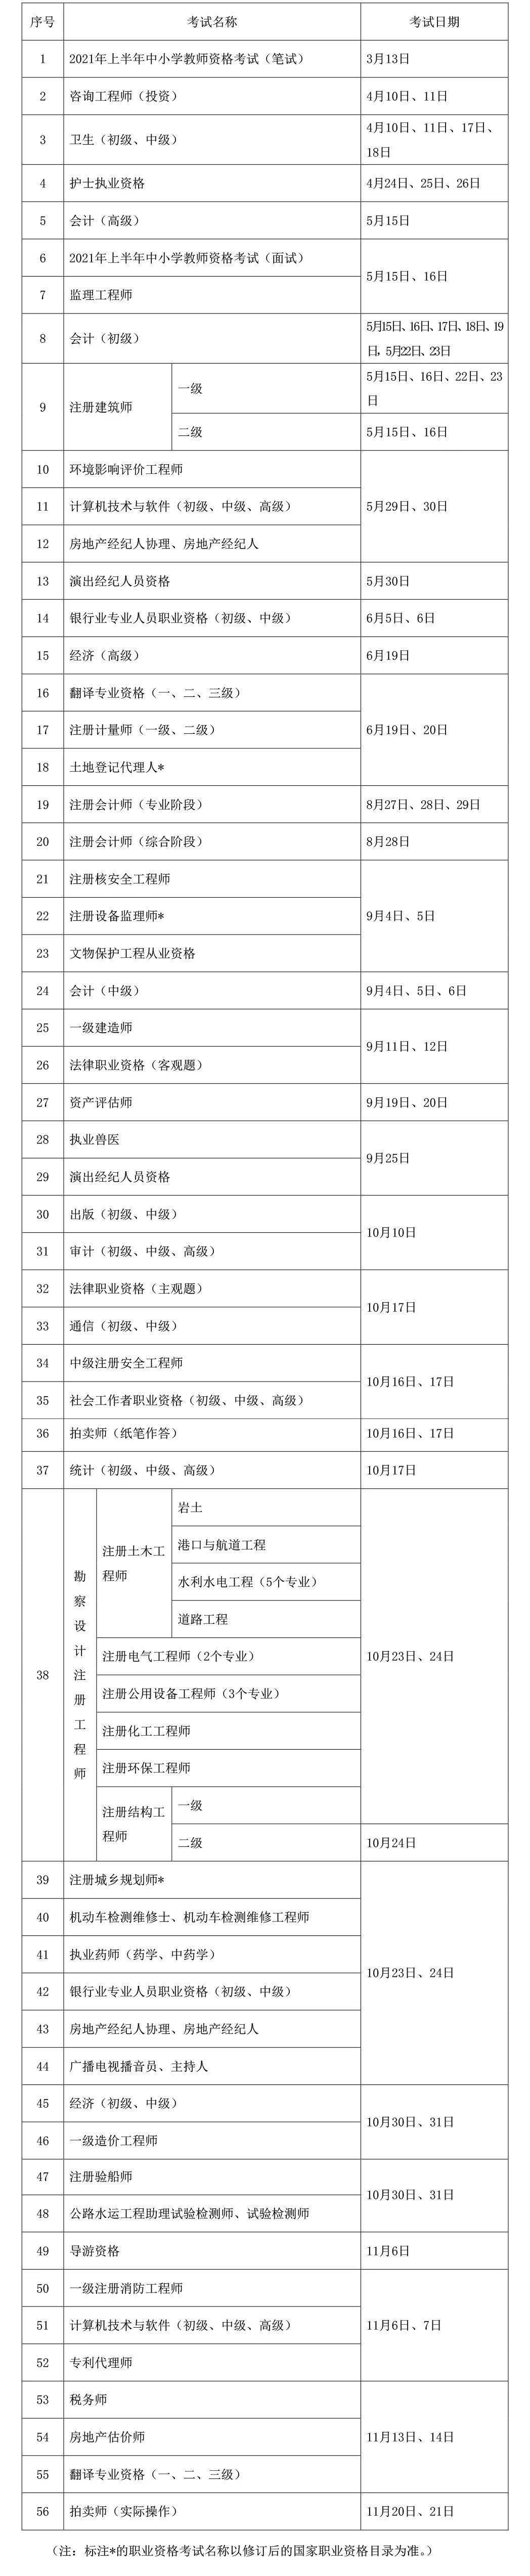 赶紧看吧2020年贵州一级消防工程师的考试时间来了_老消防工程师考后感言